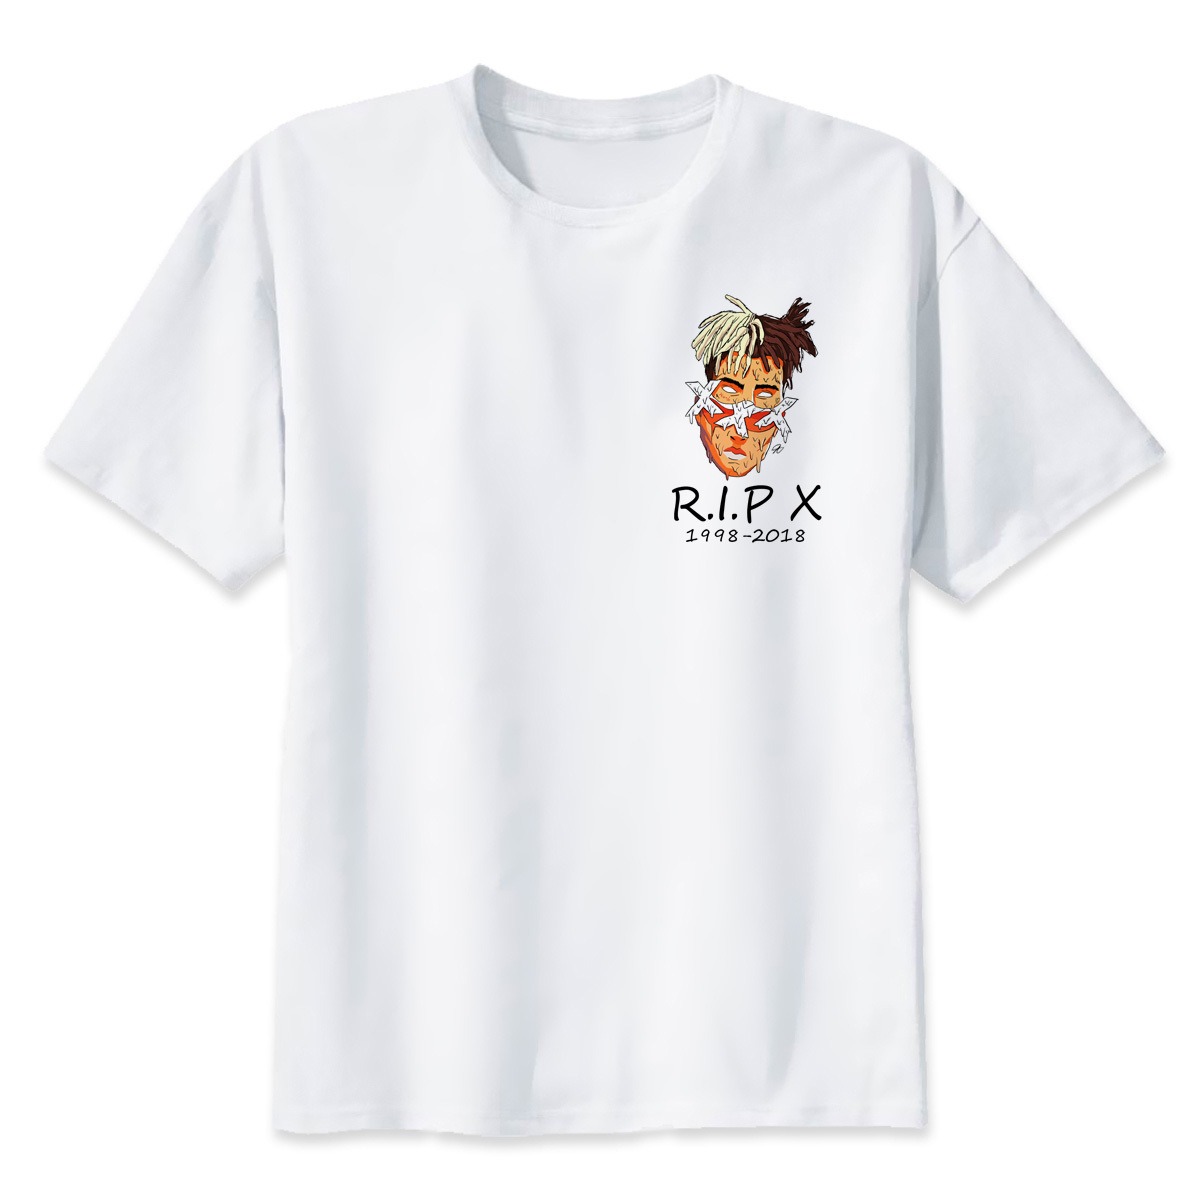 Xxxtentacion RIP Charakter Druck T-Shirt Mode Lässig Fitness Kühlen Oansatz männer T Shirt Sommer Kurzarm Männer Kleidung